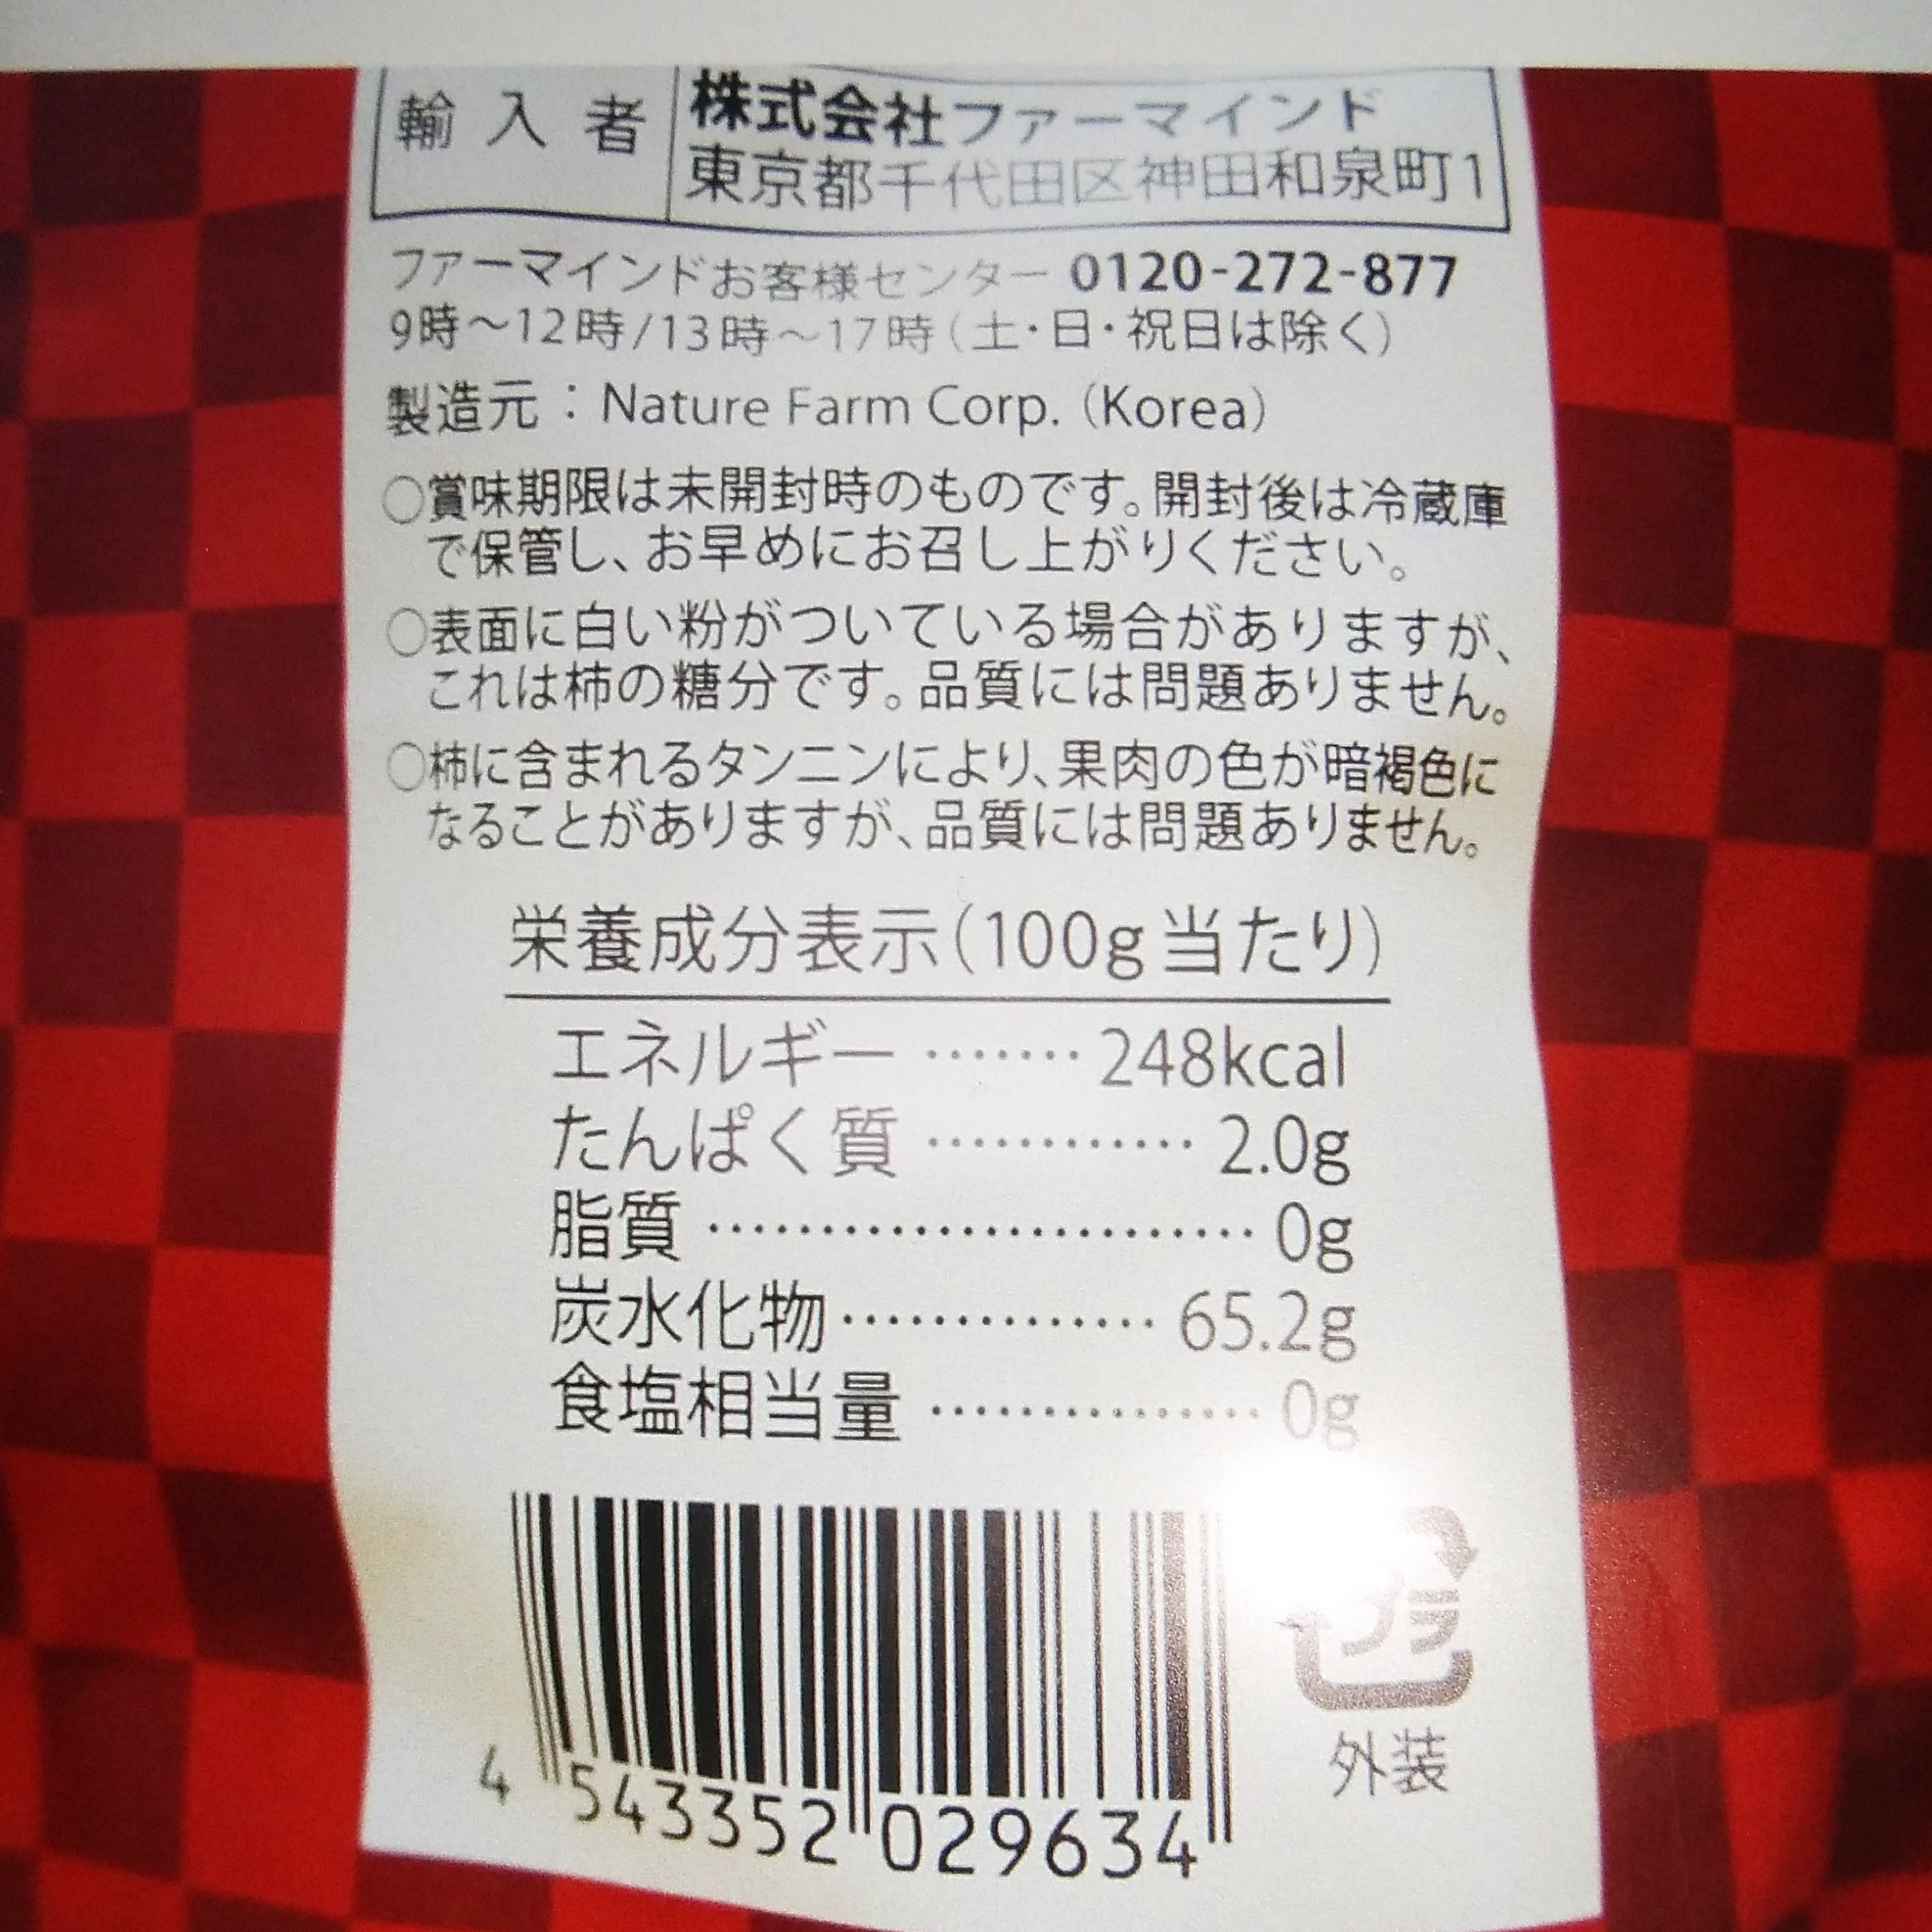 ドライフルーツの添加物・砂糖不使用がコンビニで買えるって本当?29